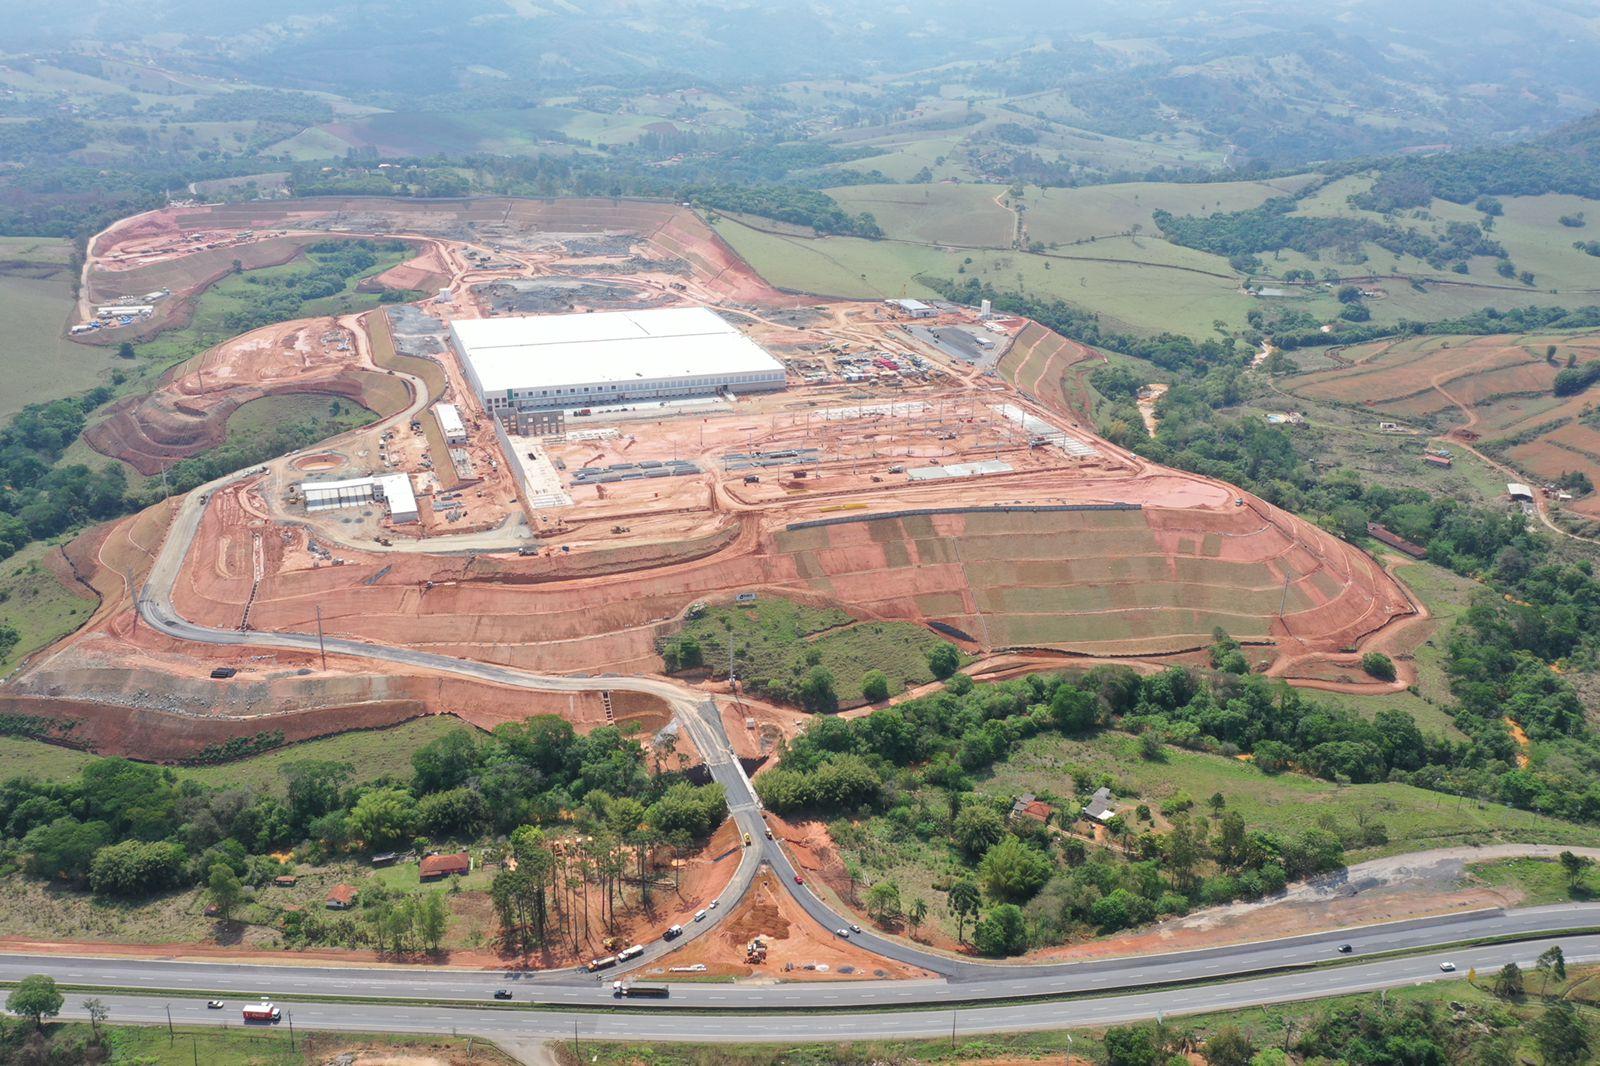 Empresa de parque logístico anuncia investimento de R$ 750 milhões, gerando 6.500 empregos em Minas Gerais